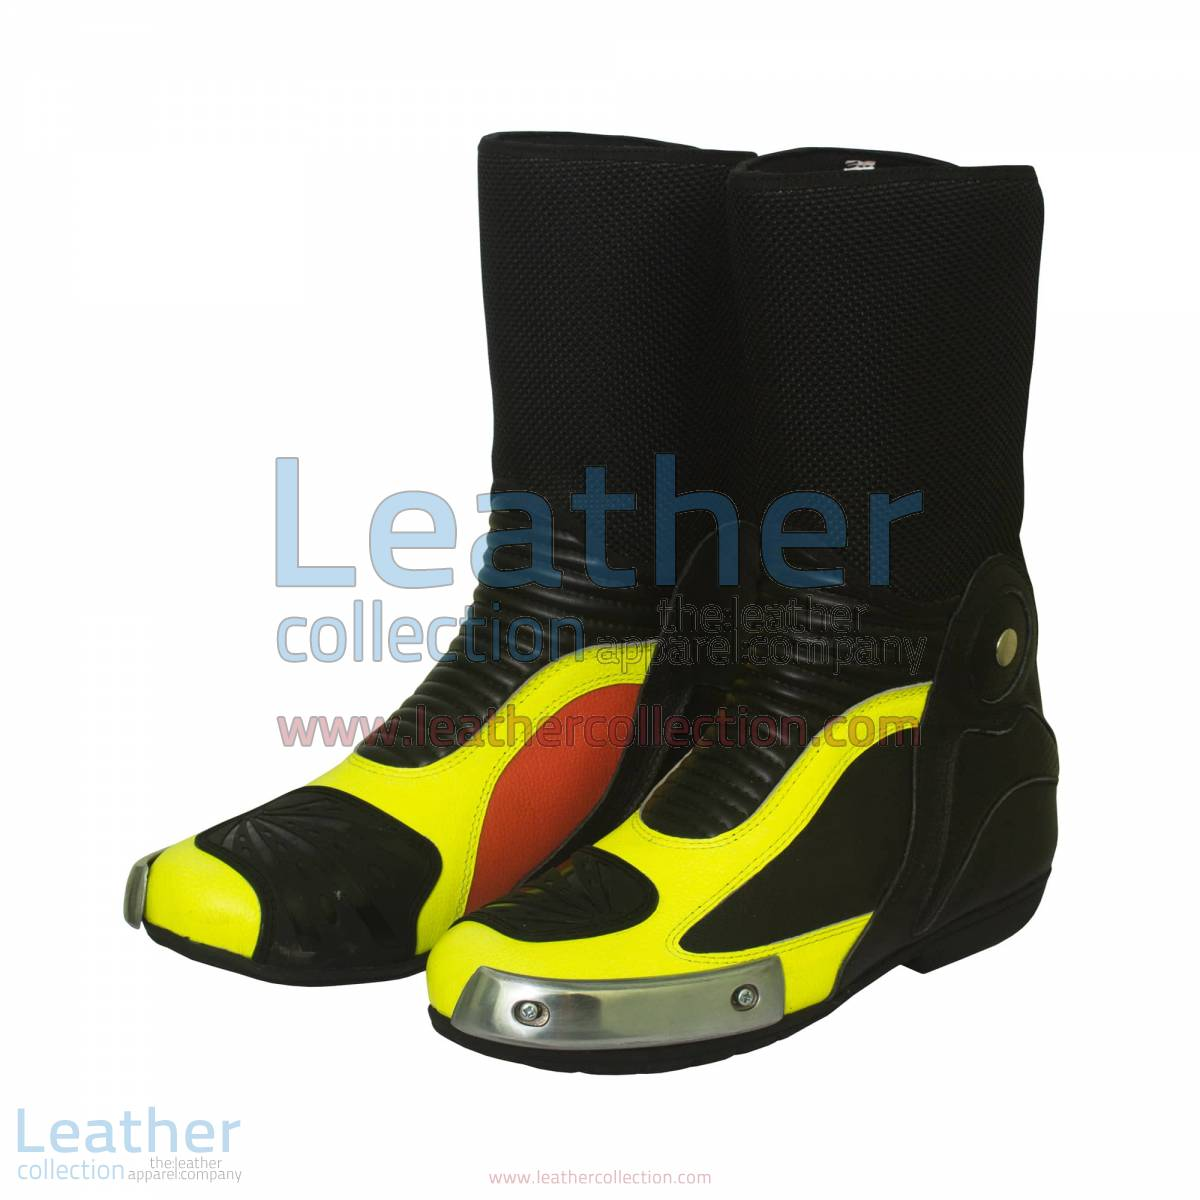 Valentino Rossi Ducati MotoGP 2012 Race Boots   ducati boots